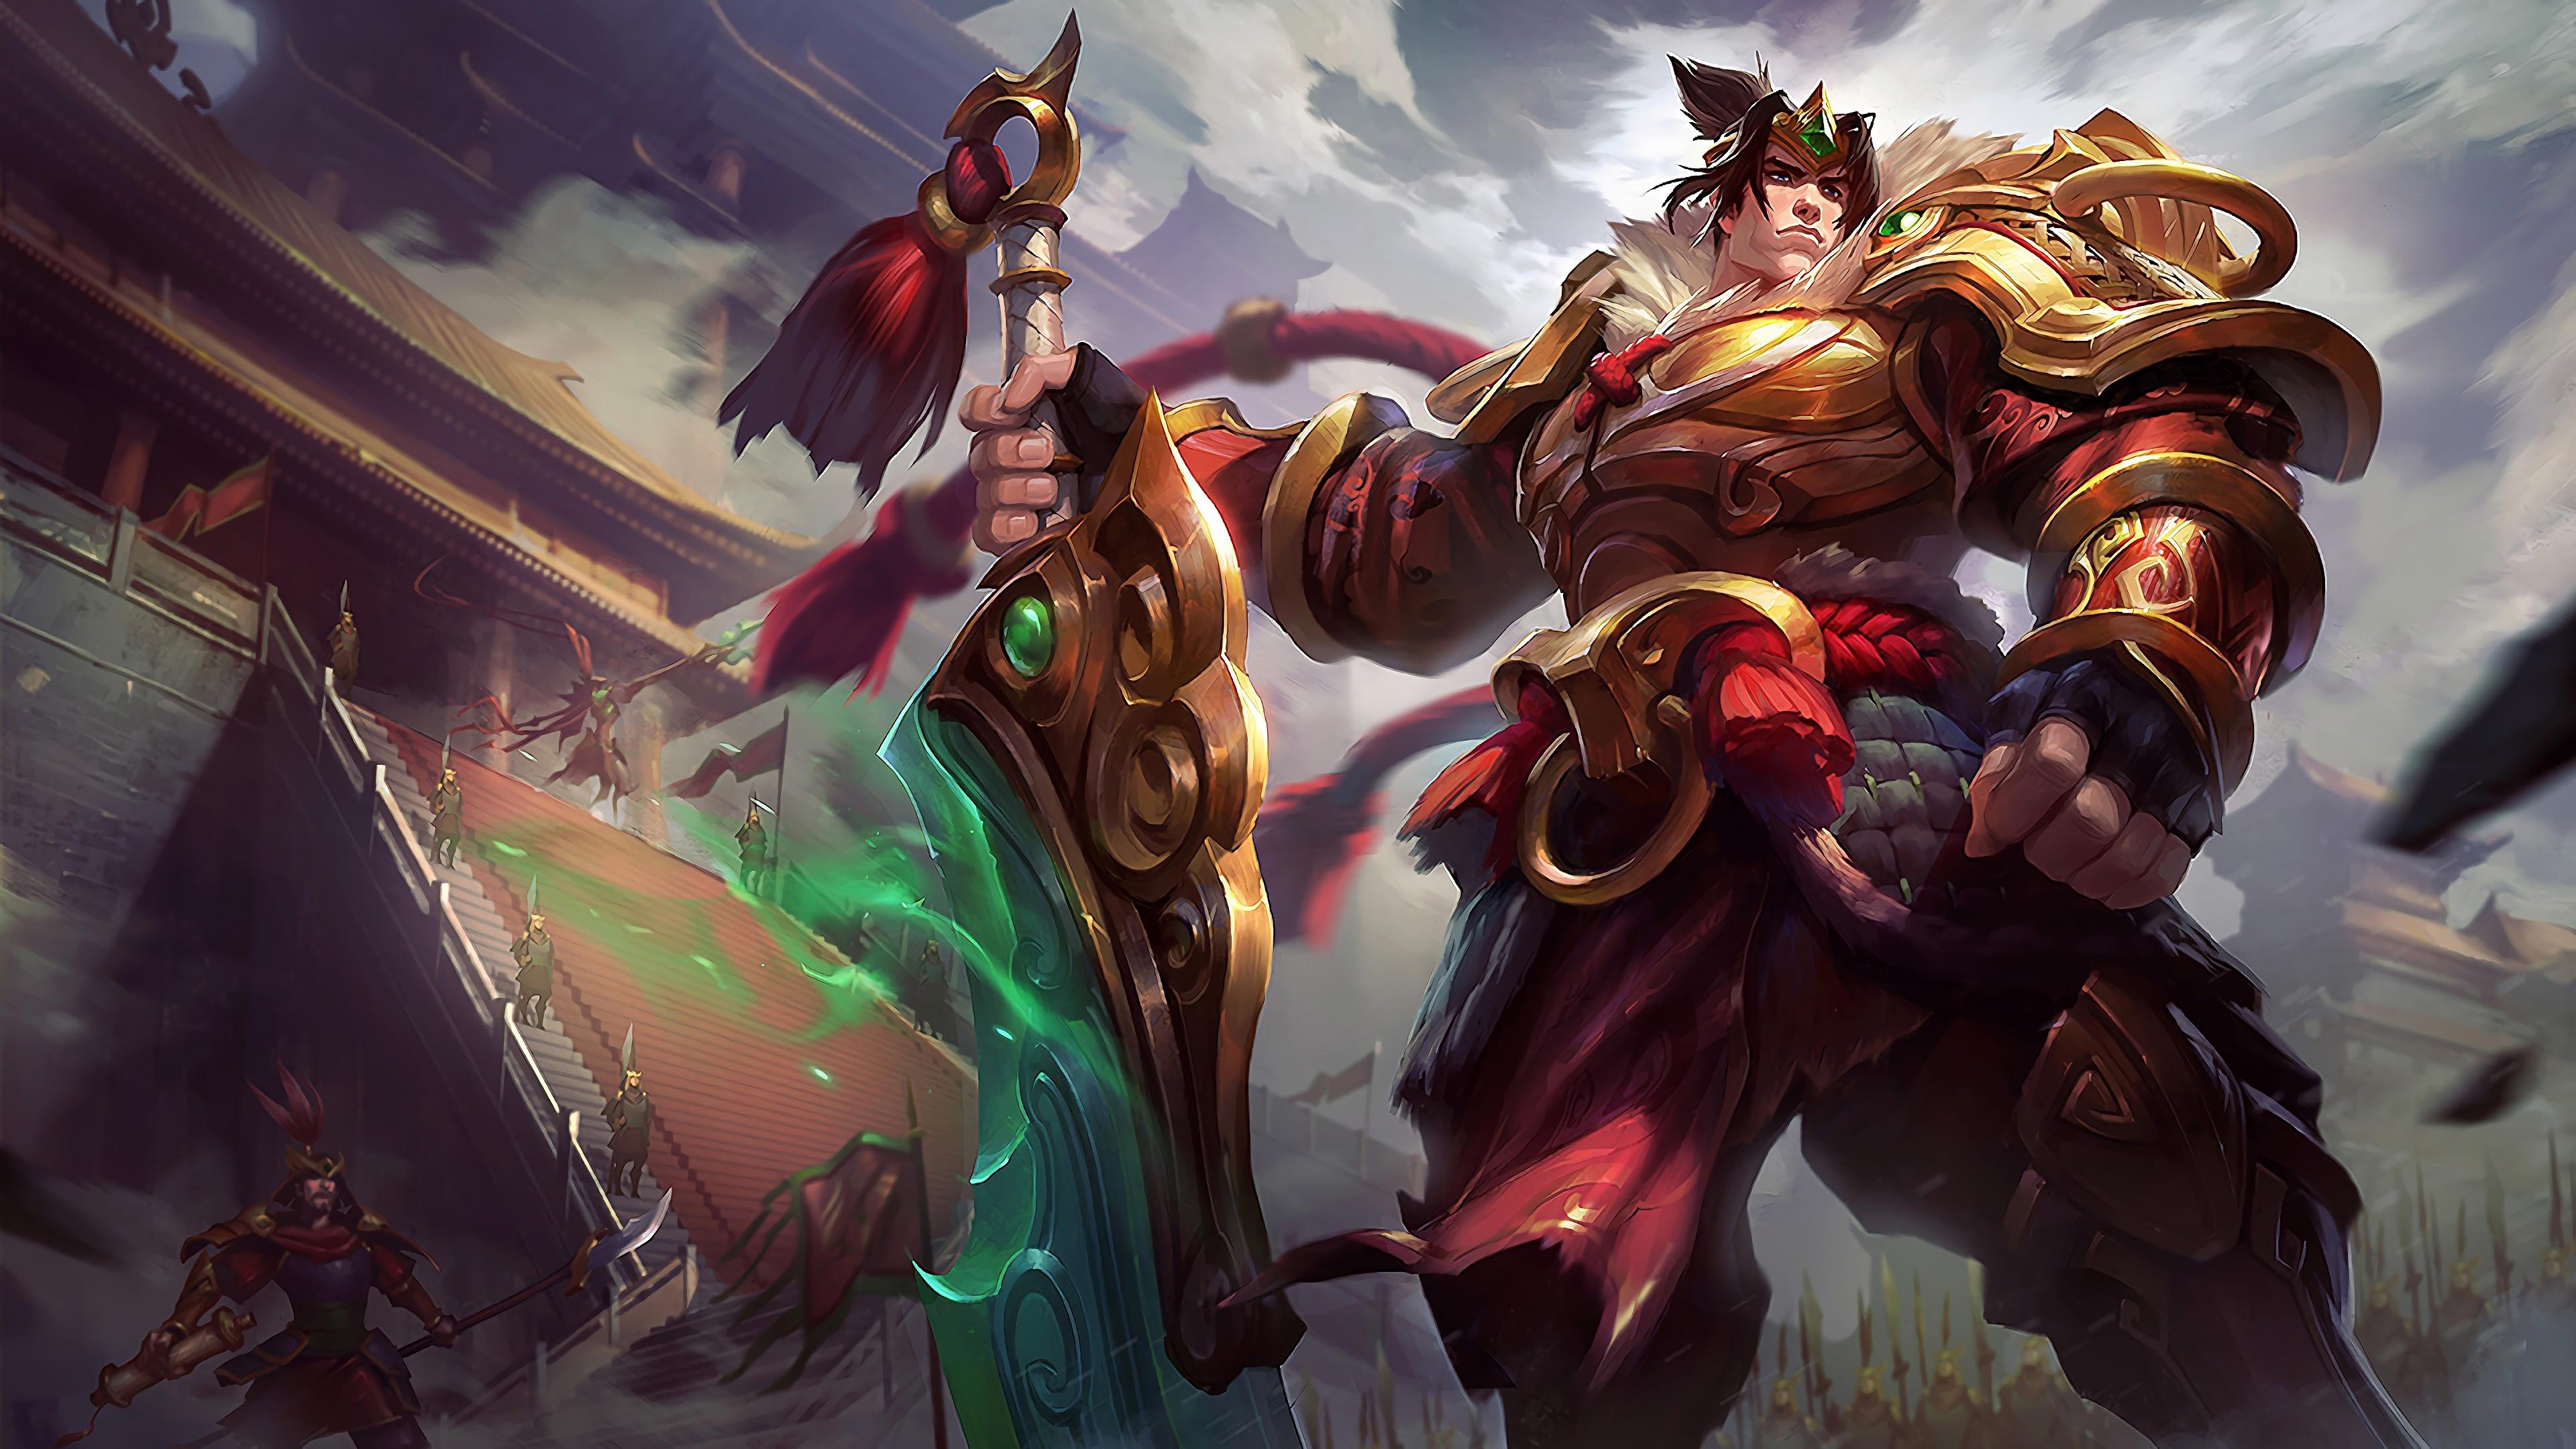 warring kingdoms garen lol splash art league of legends lol 1574102099 - Warring Kingdoms Garen LoL Splash Art League of Legends lol - league of legends, Garen